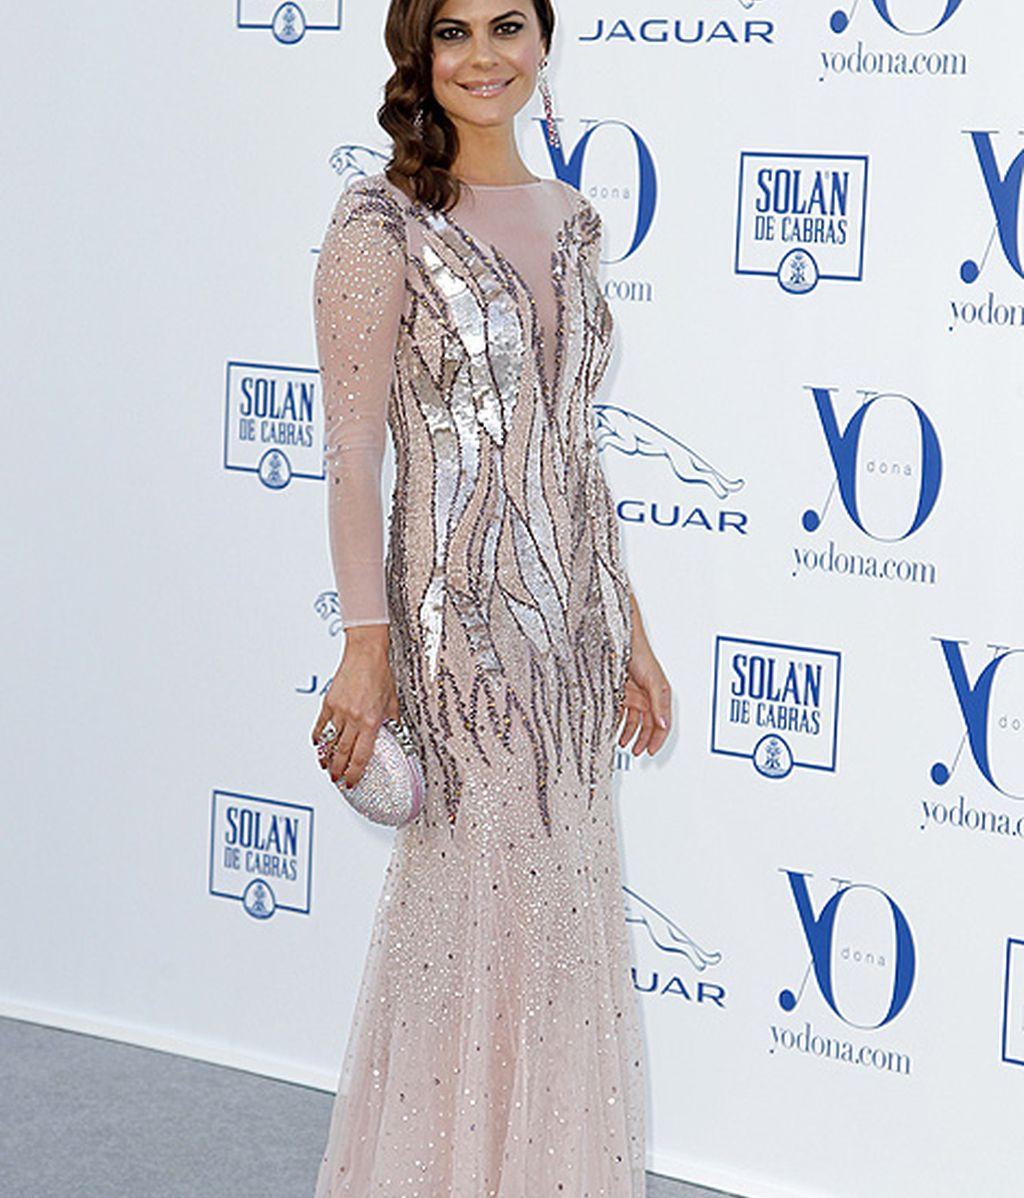 Mª José Suarez lució un vestido blanco con transparencias